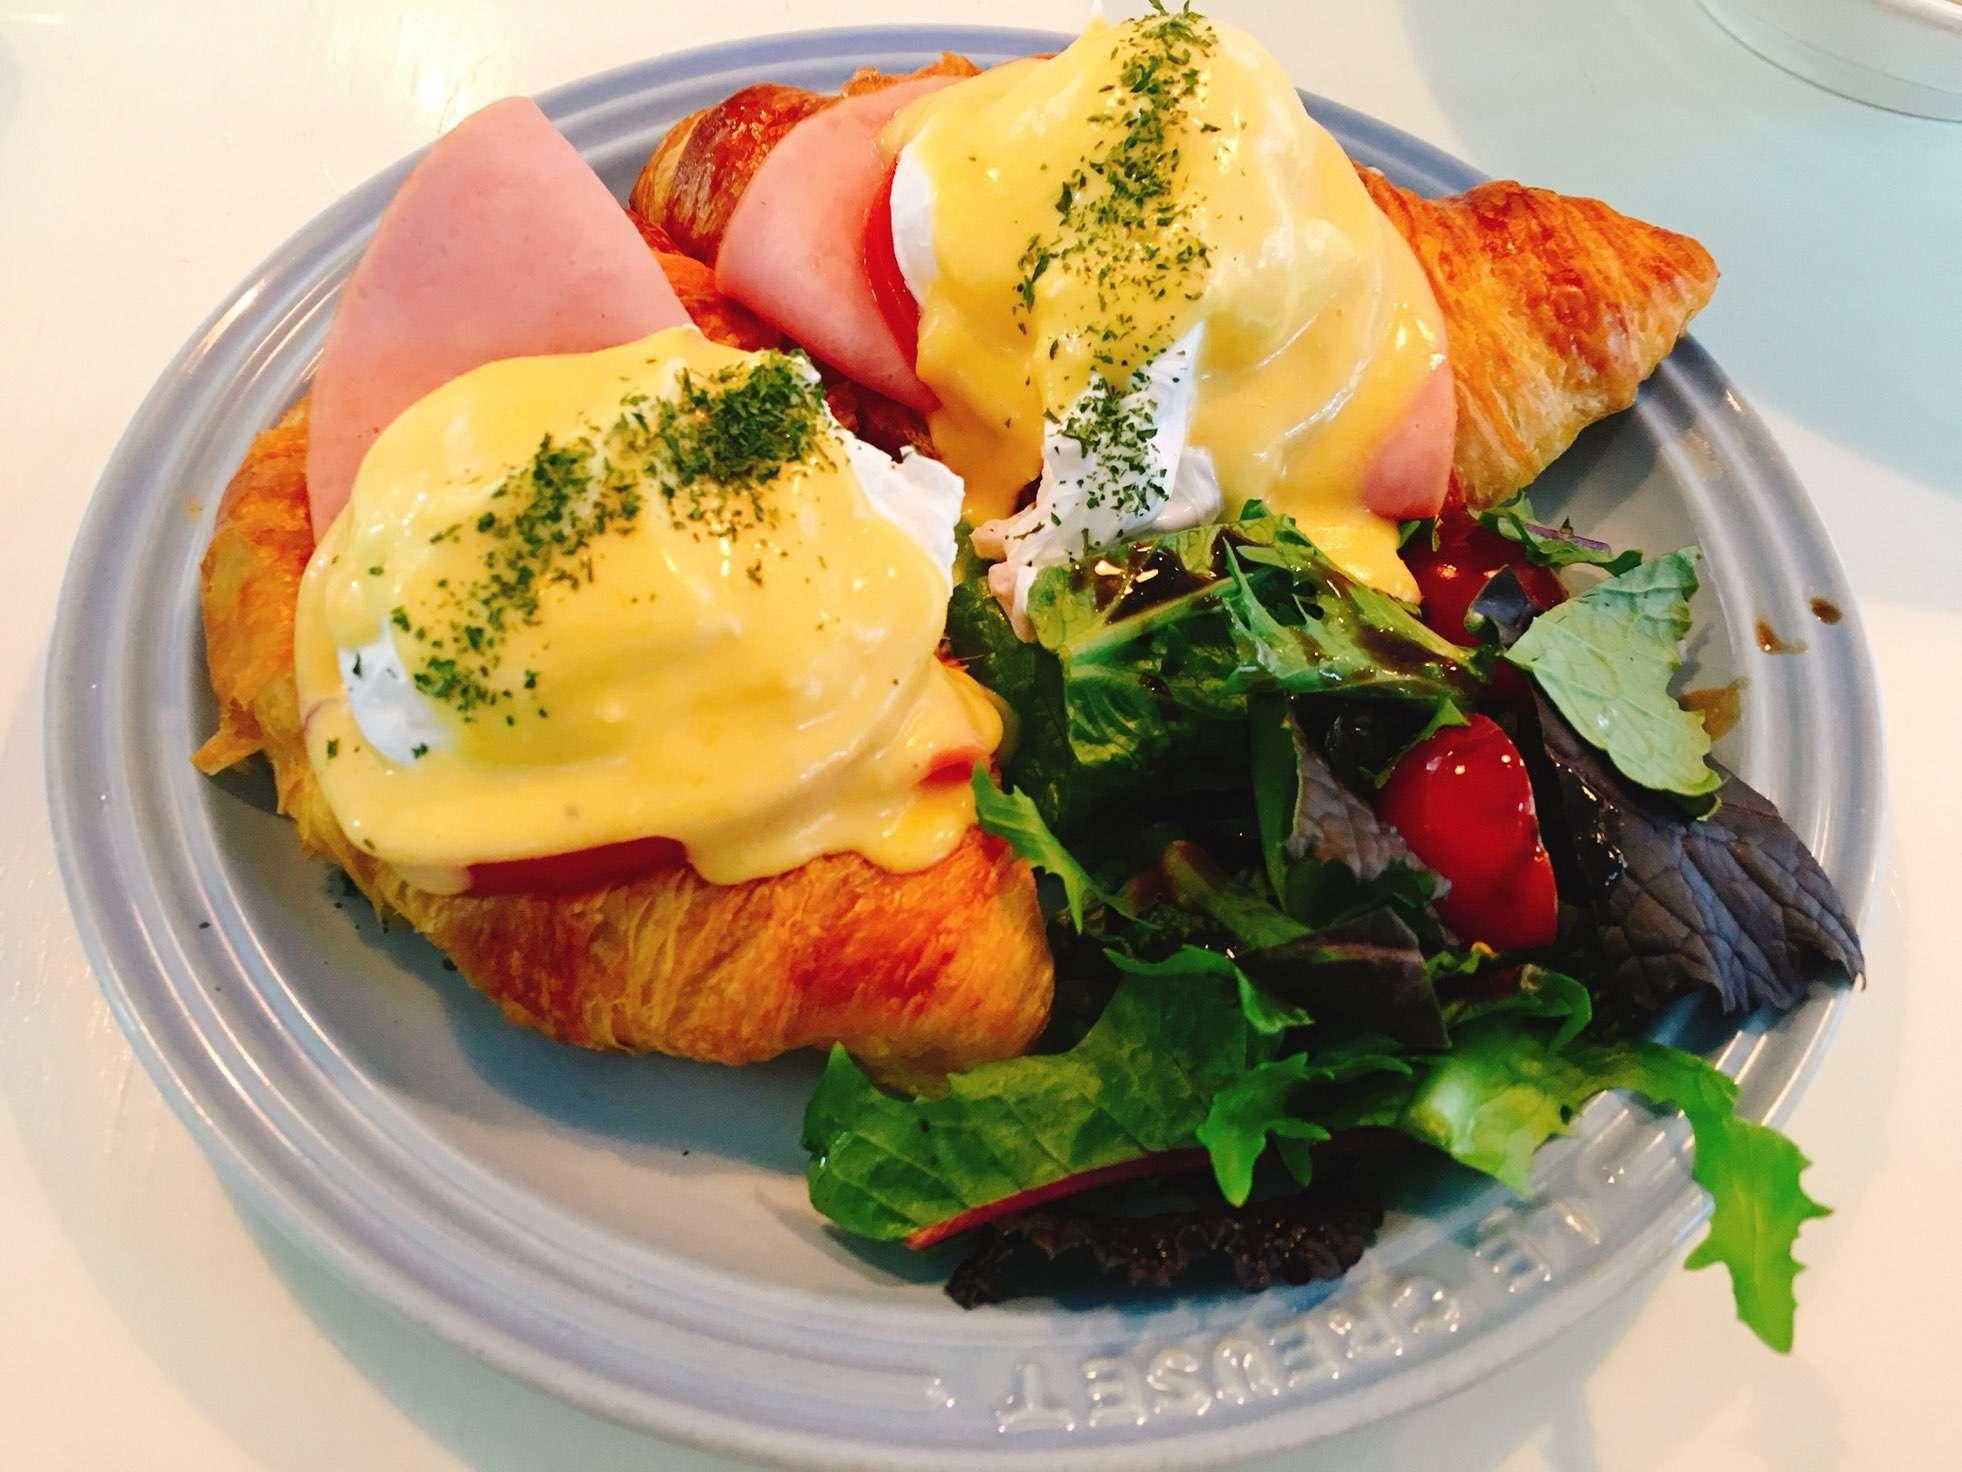 小編個人非常喜歡的班尼迪克蛋,切下去會有蛋黃流出來,搭配上鬆軟麵包的滋味實在太棒啦~算是這家餐廳的必點之一喔!